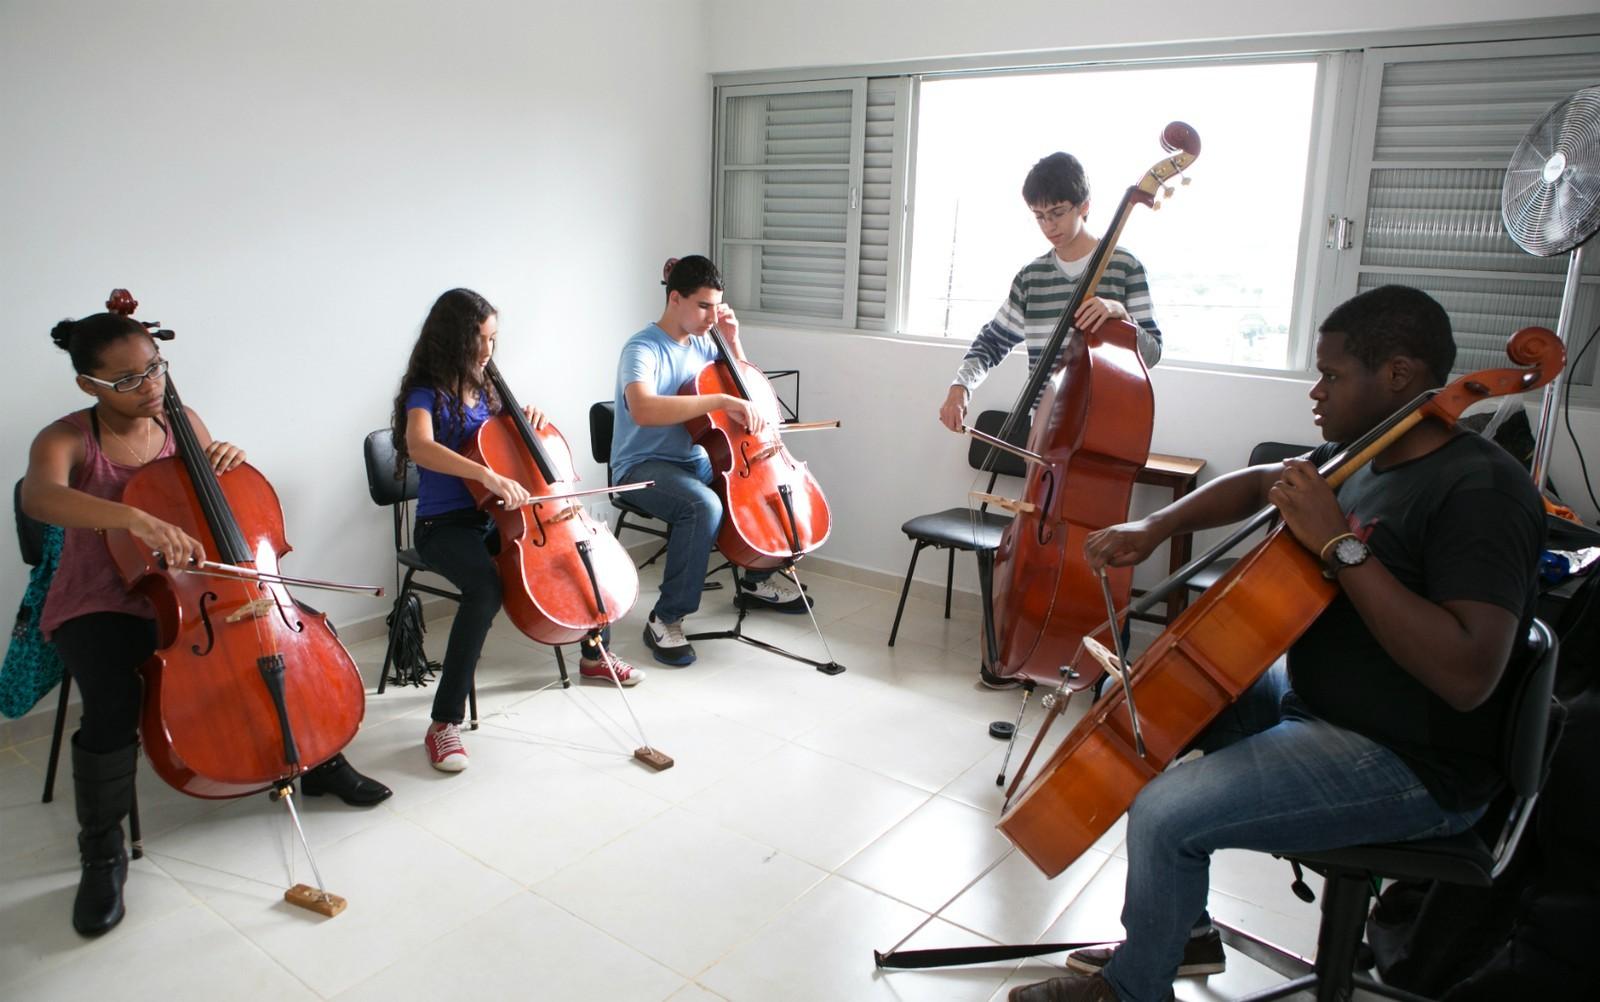 Projeto Guri abre inscrições para 30 cursos de música gratuitos na região de Ribeirão Preto